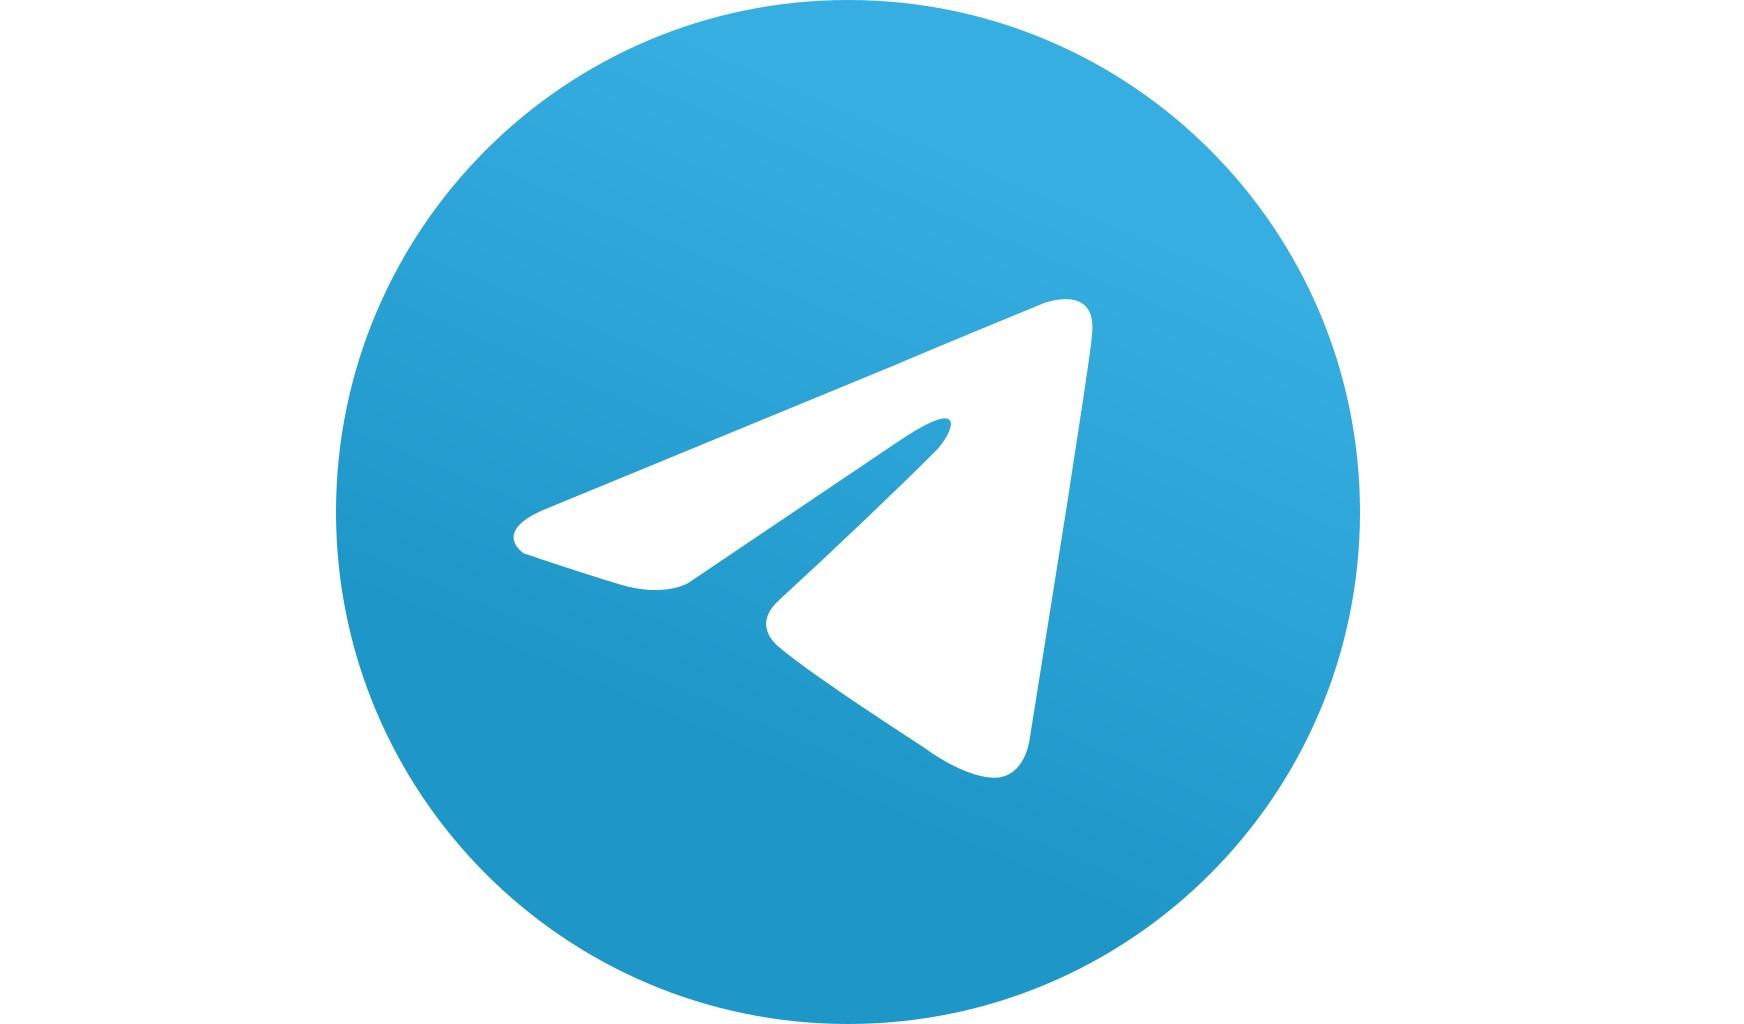 Cómo crear Stickers originales para compartir en Telegram